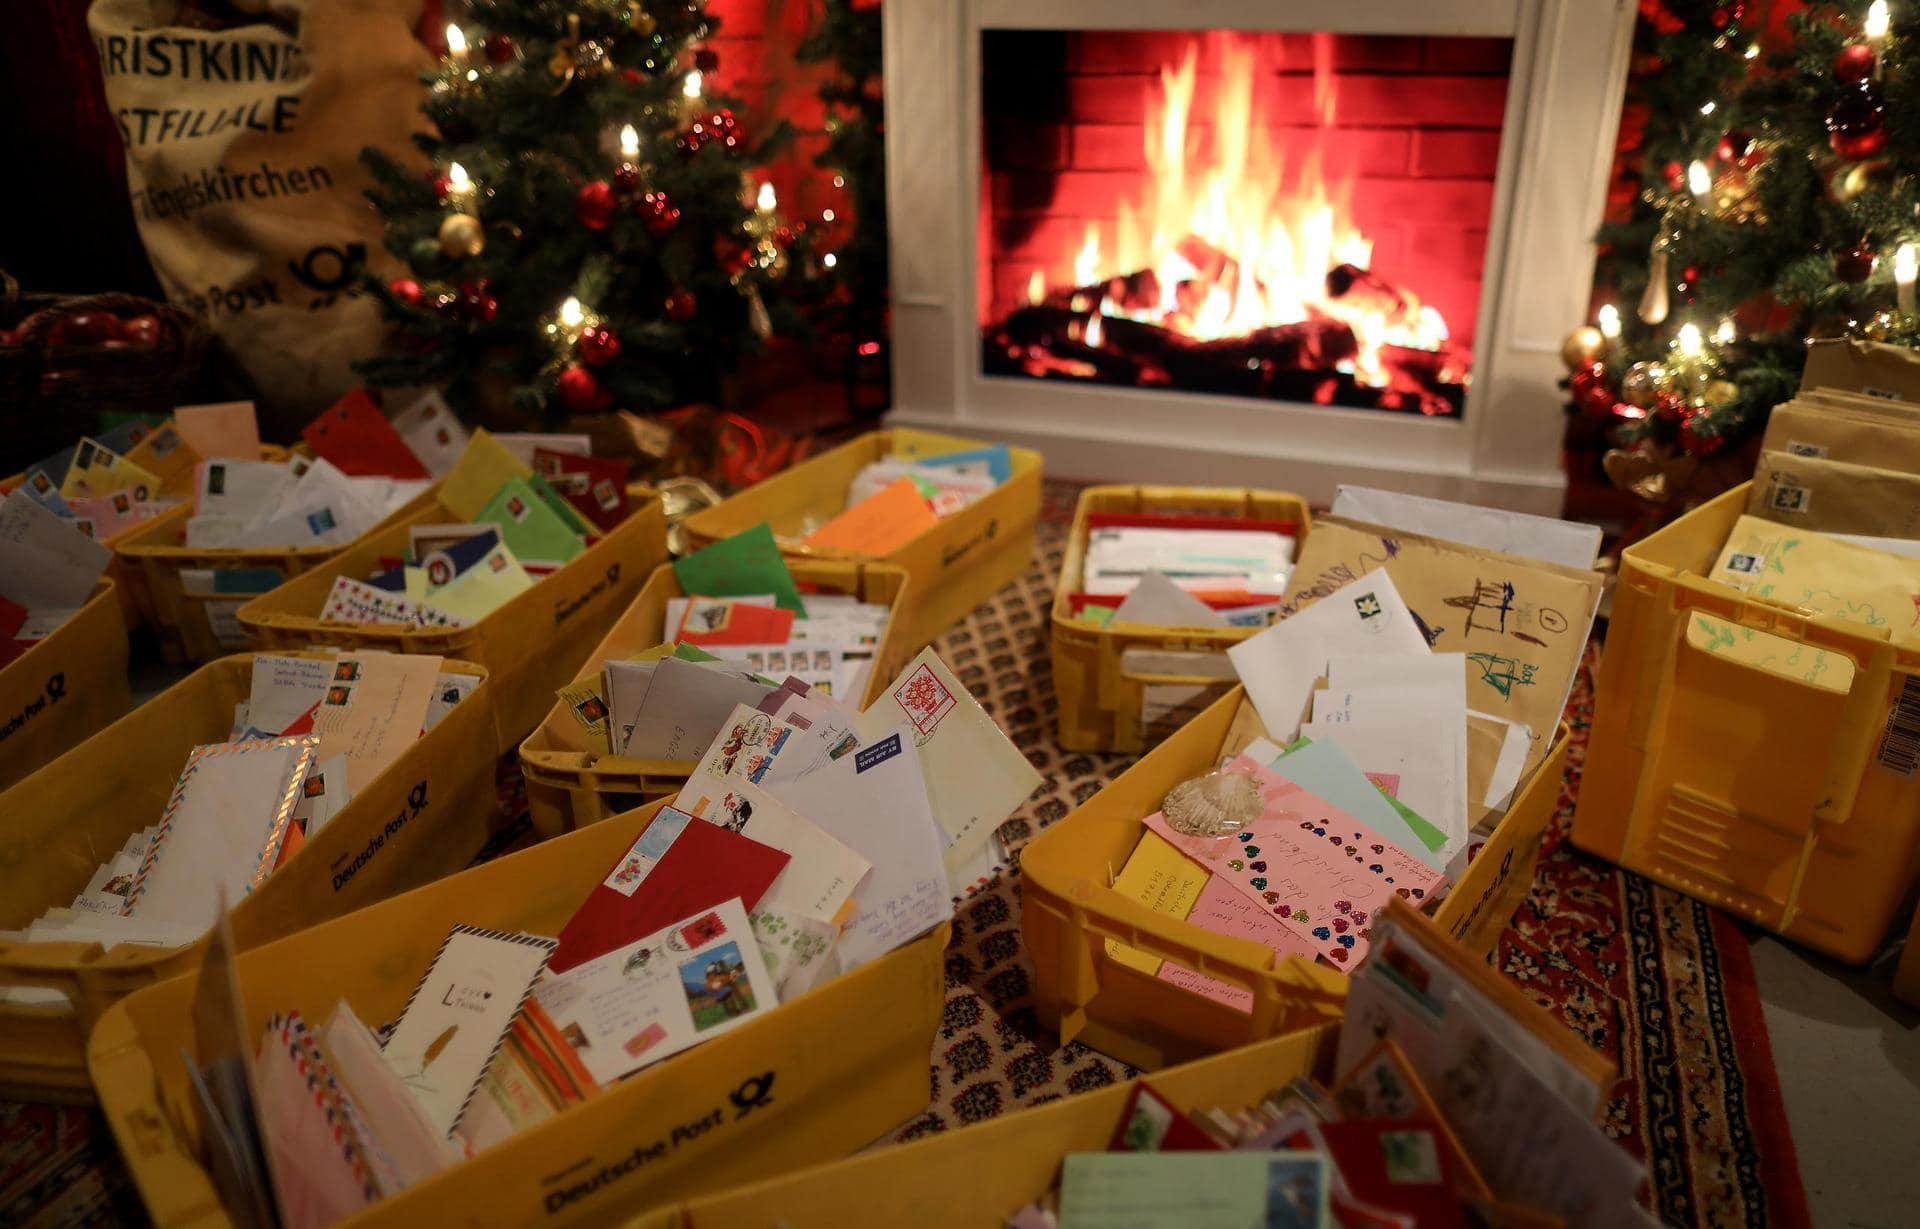 Corona dominiert die Weihnachts-Wunschzettel der Kinder ... und «dass Corona weggeht»